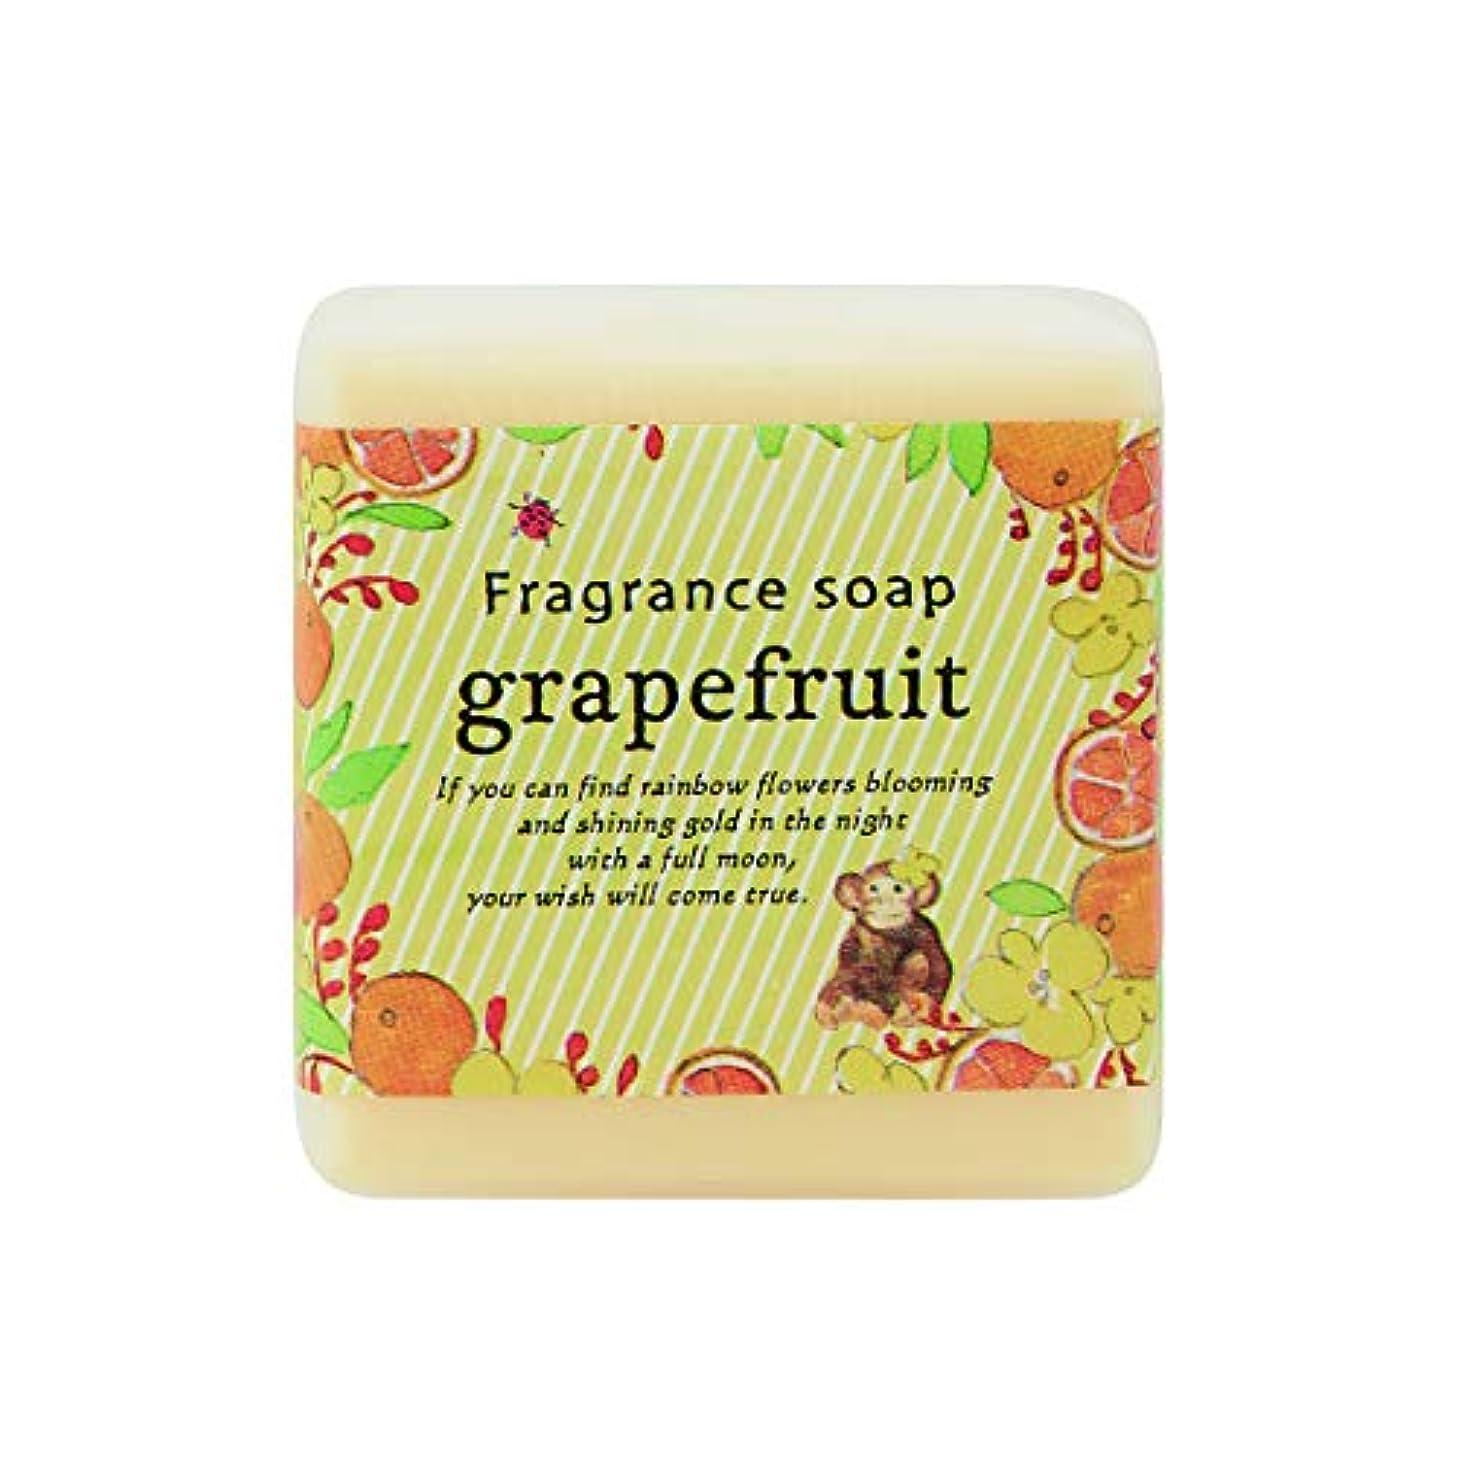 サスペンド憤る完璧なサンハーブ フレグランスソープ40g グレープフルーツ 12個(プチ石けん ゲストソープ シャキっとまぶしい柑橘系の香り)